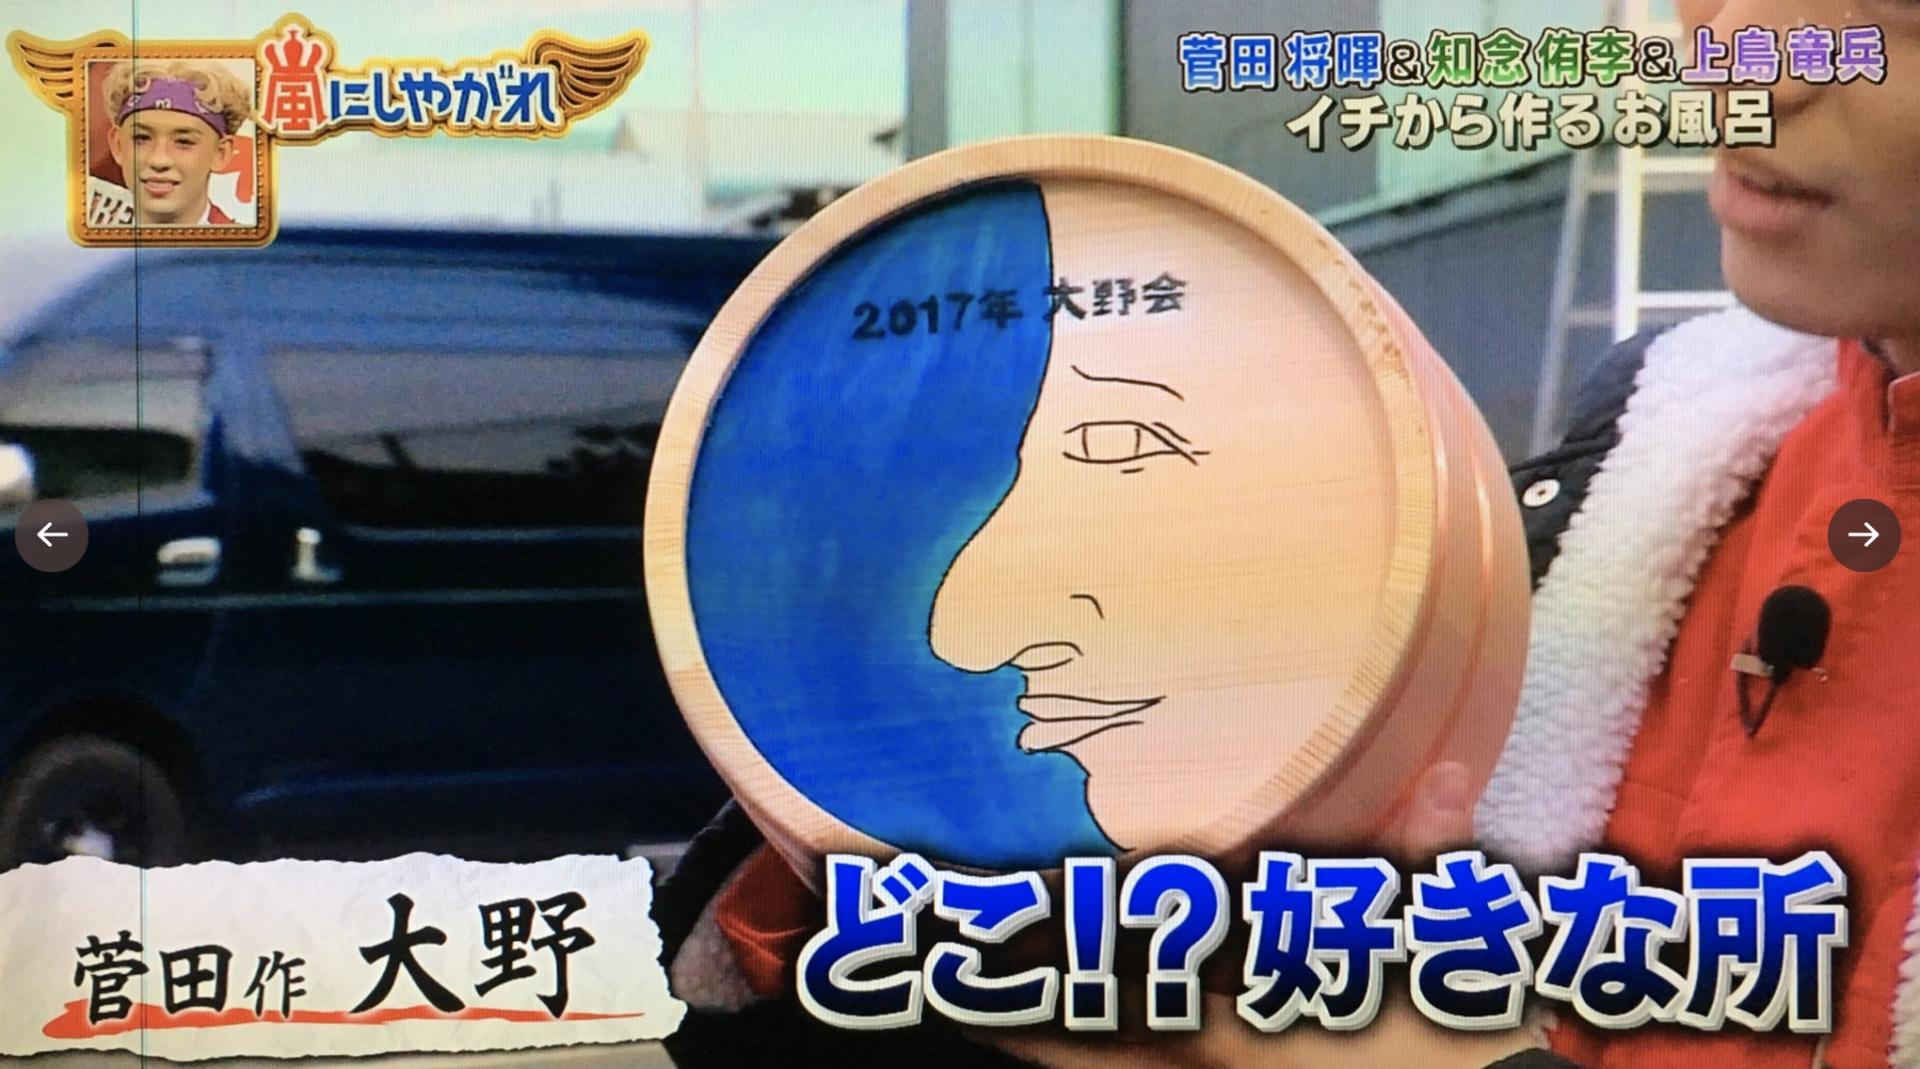 大野智さんの似顔絵